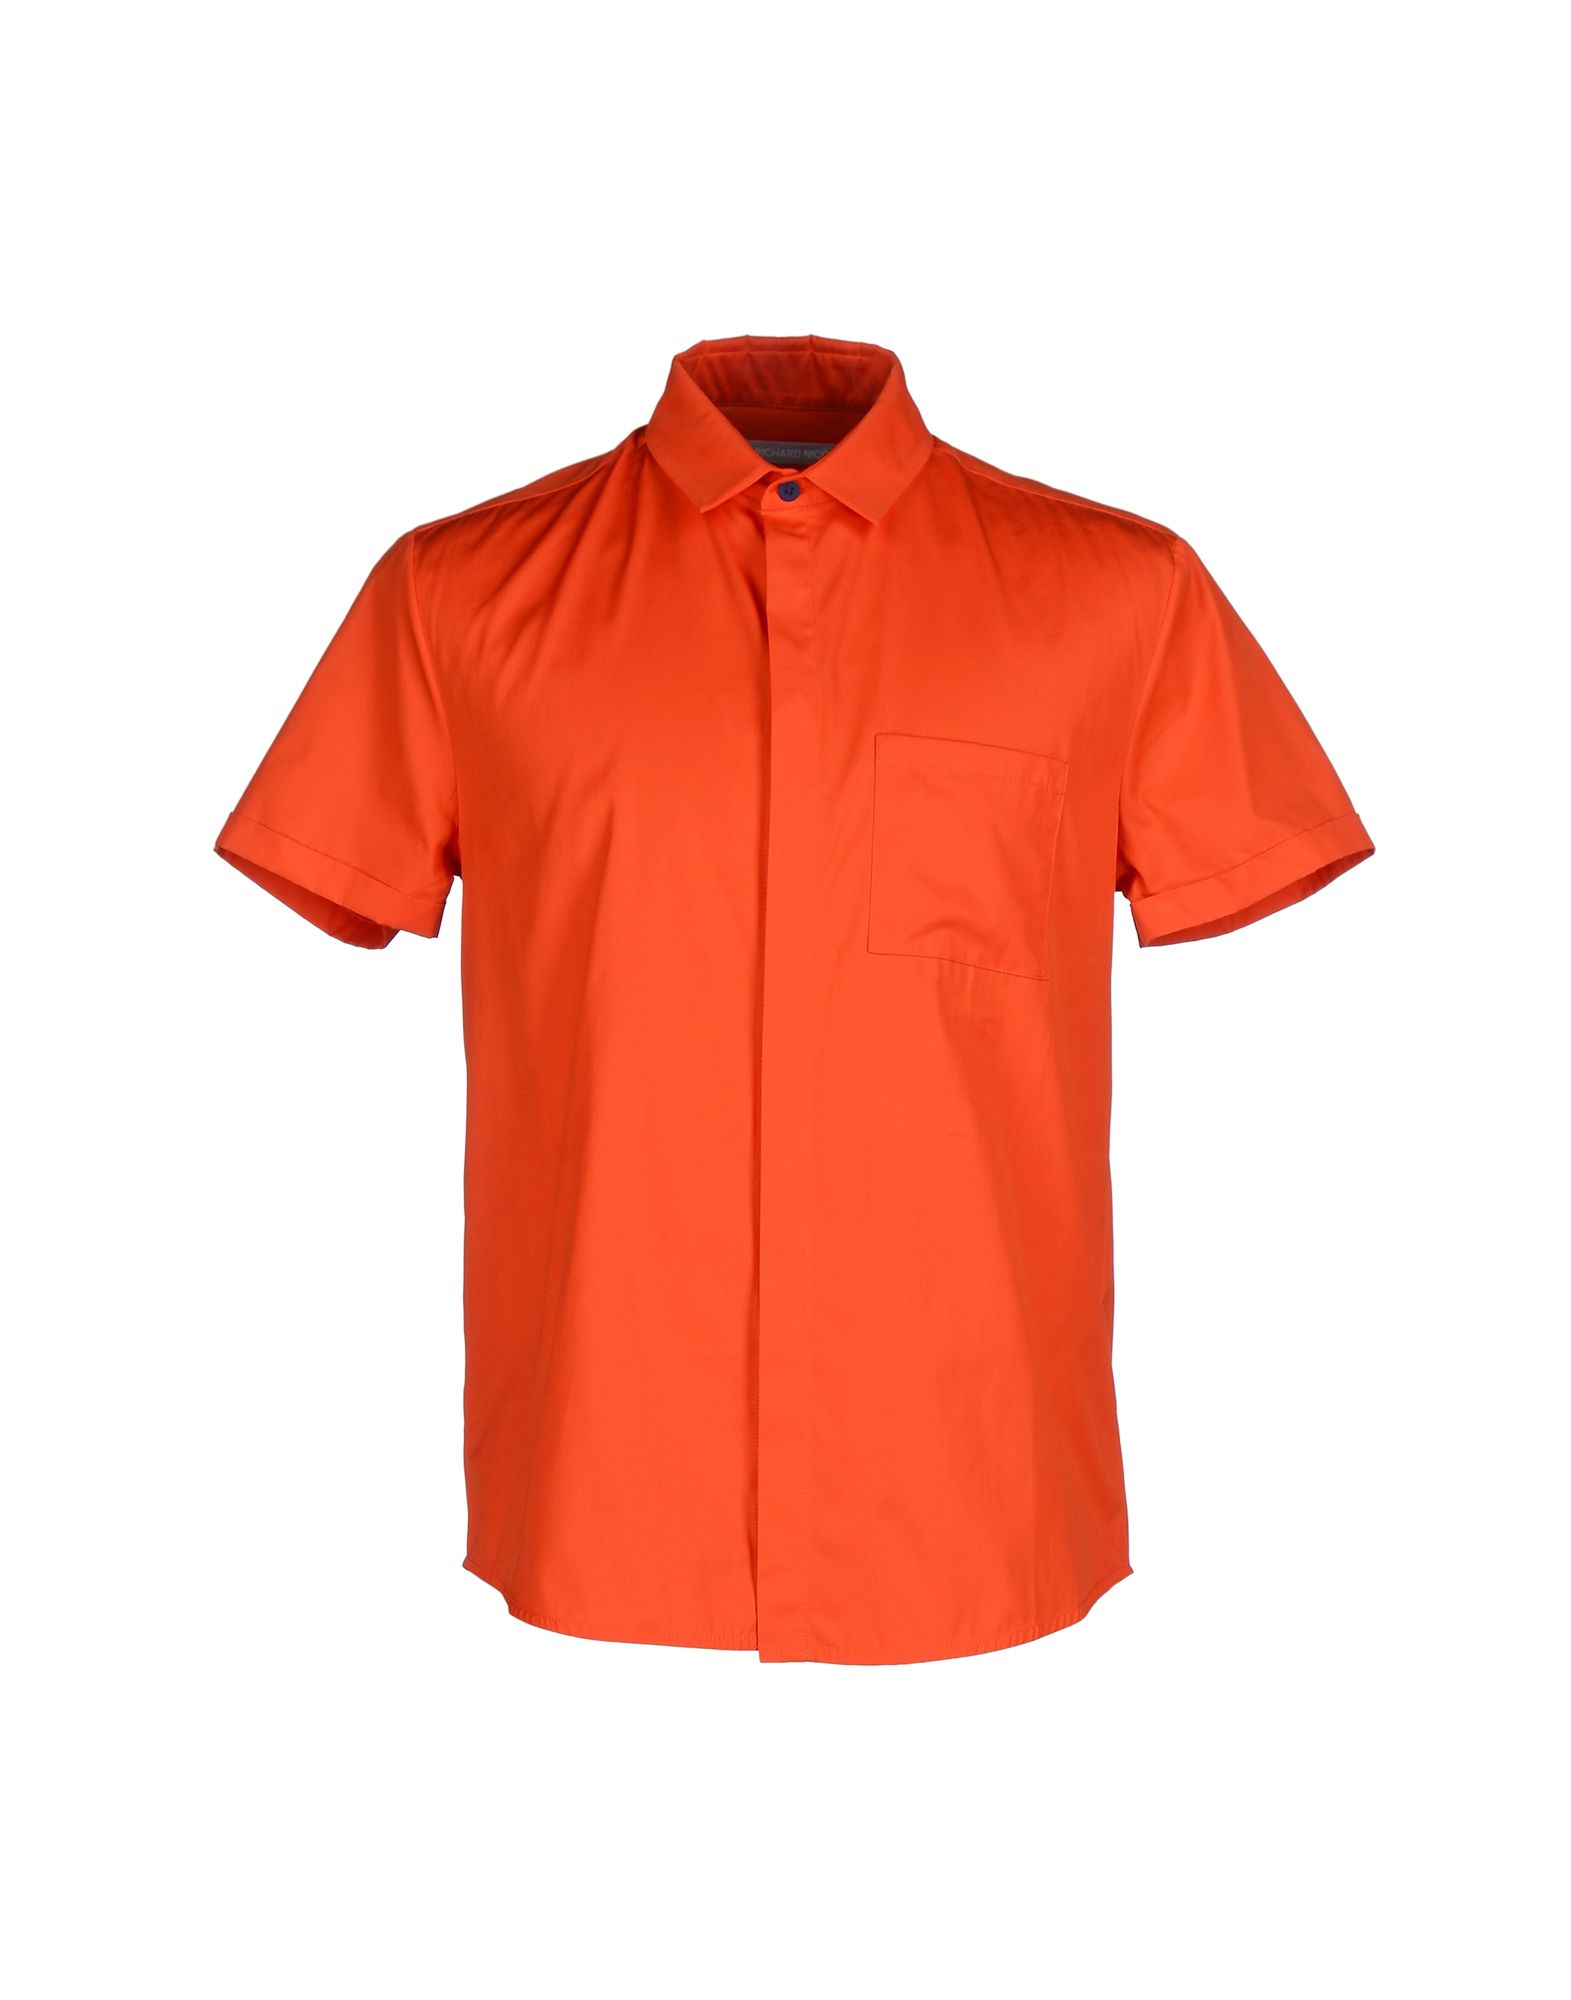 《送料無料》RICHARD NICOLL メンズ シャツ オレンジ 38 コットン 100%